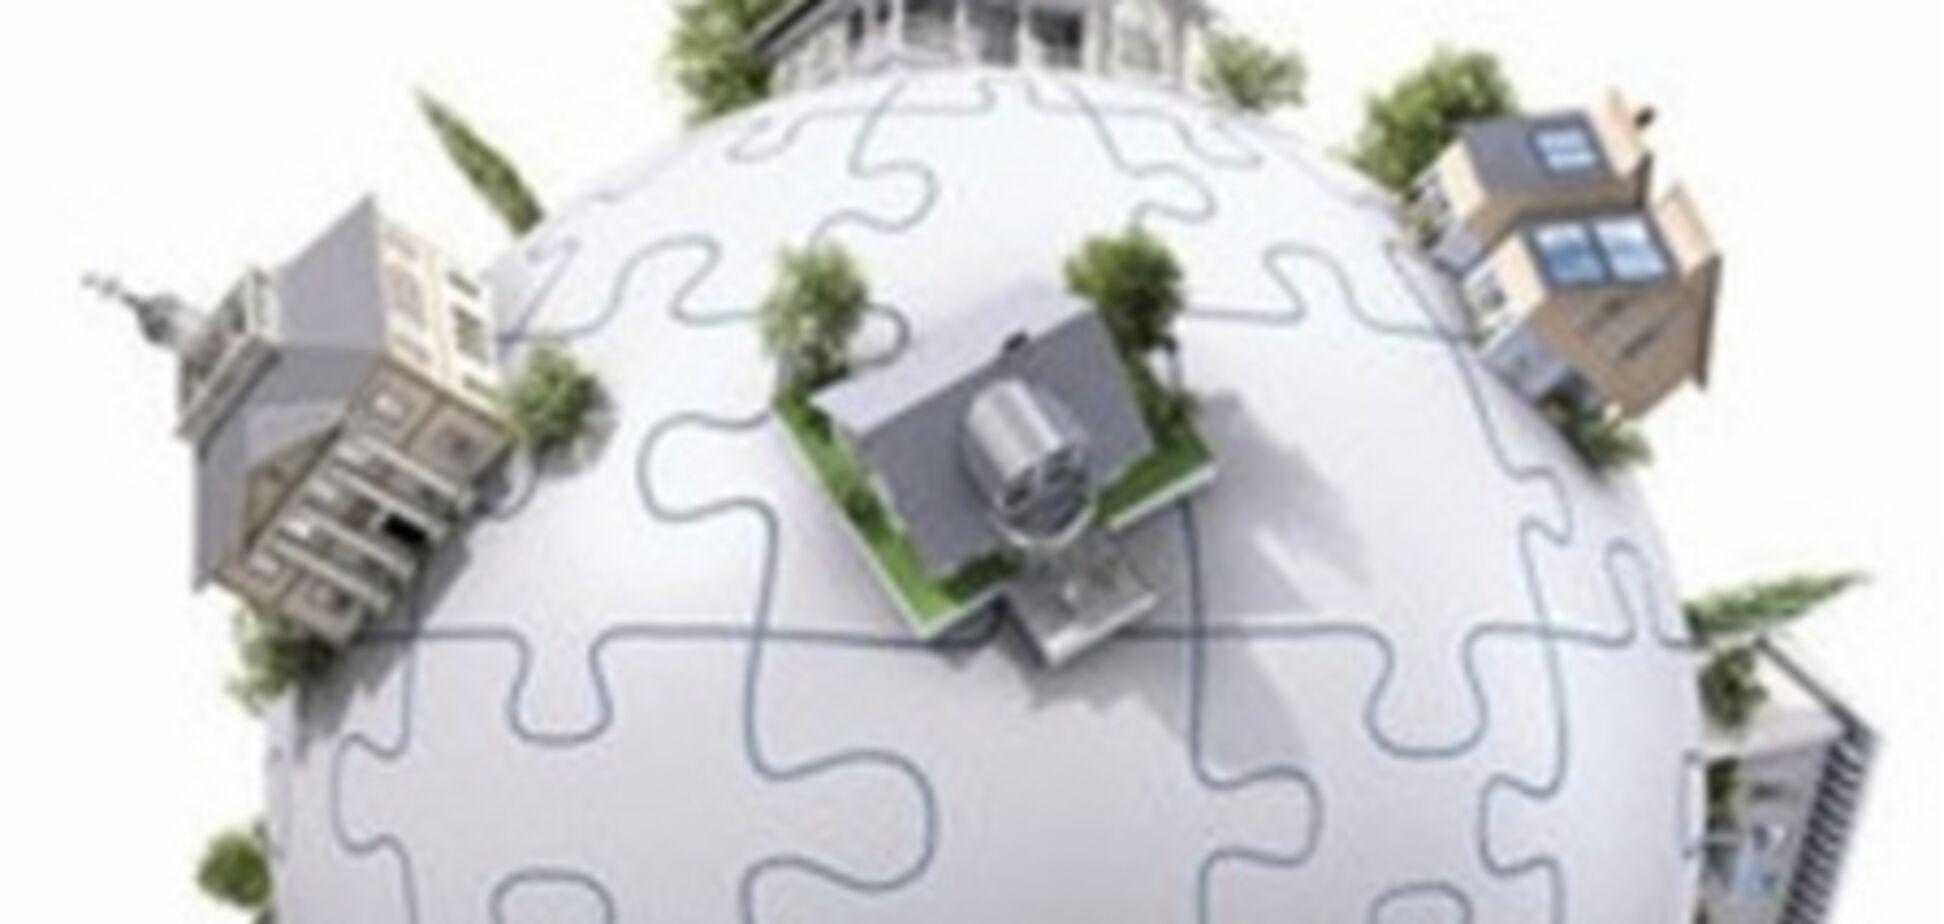 Покупка недвижимости за рубежом плюсы и минусы аренда в турции